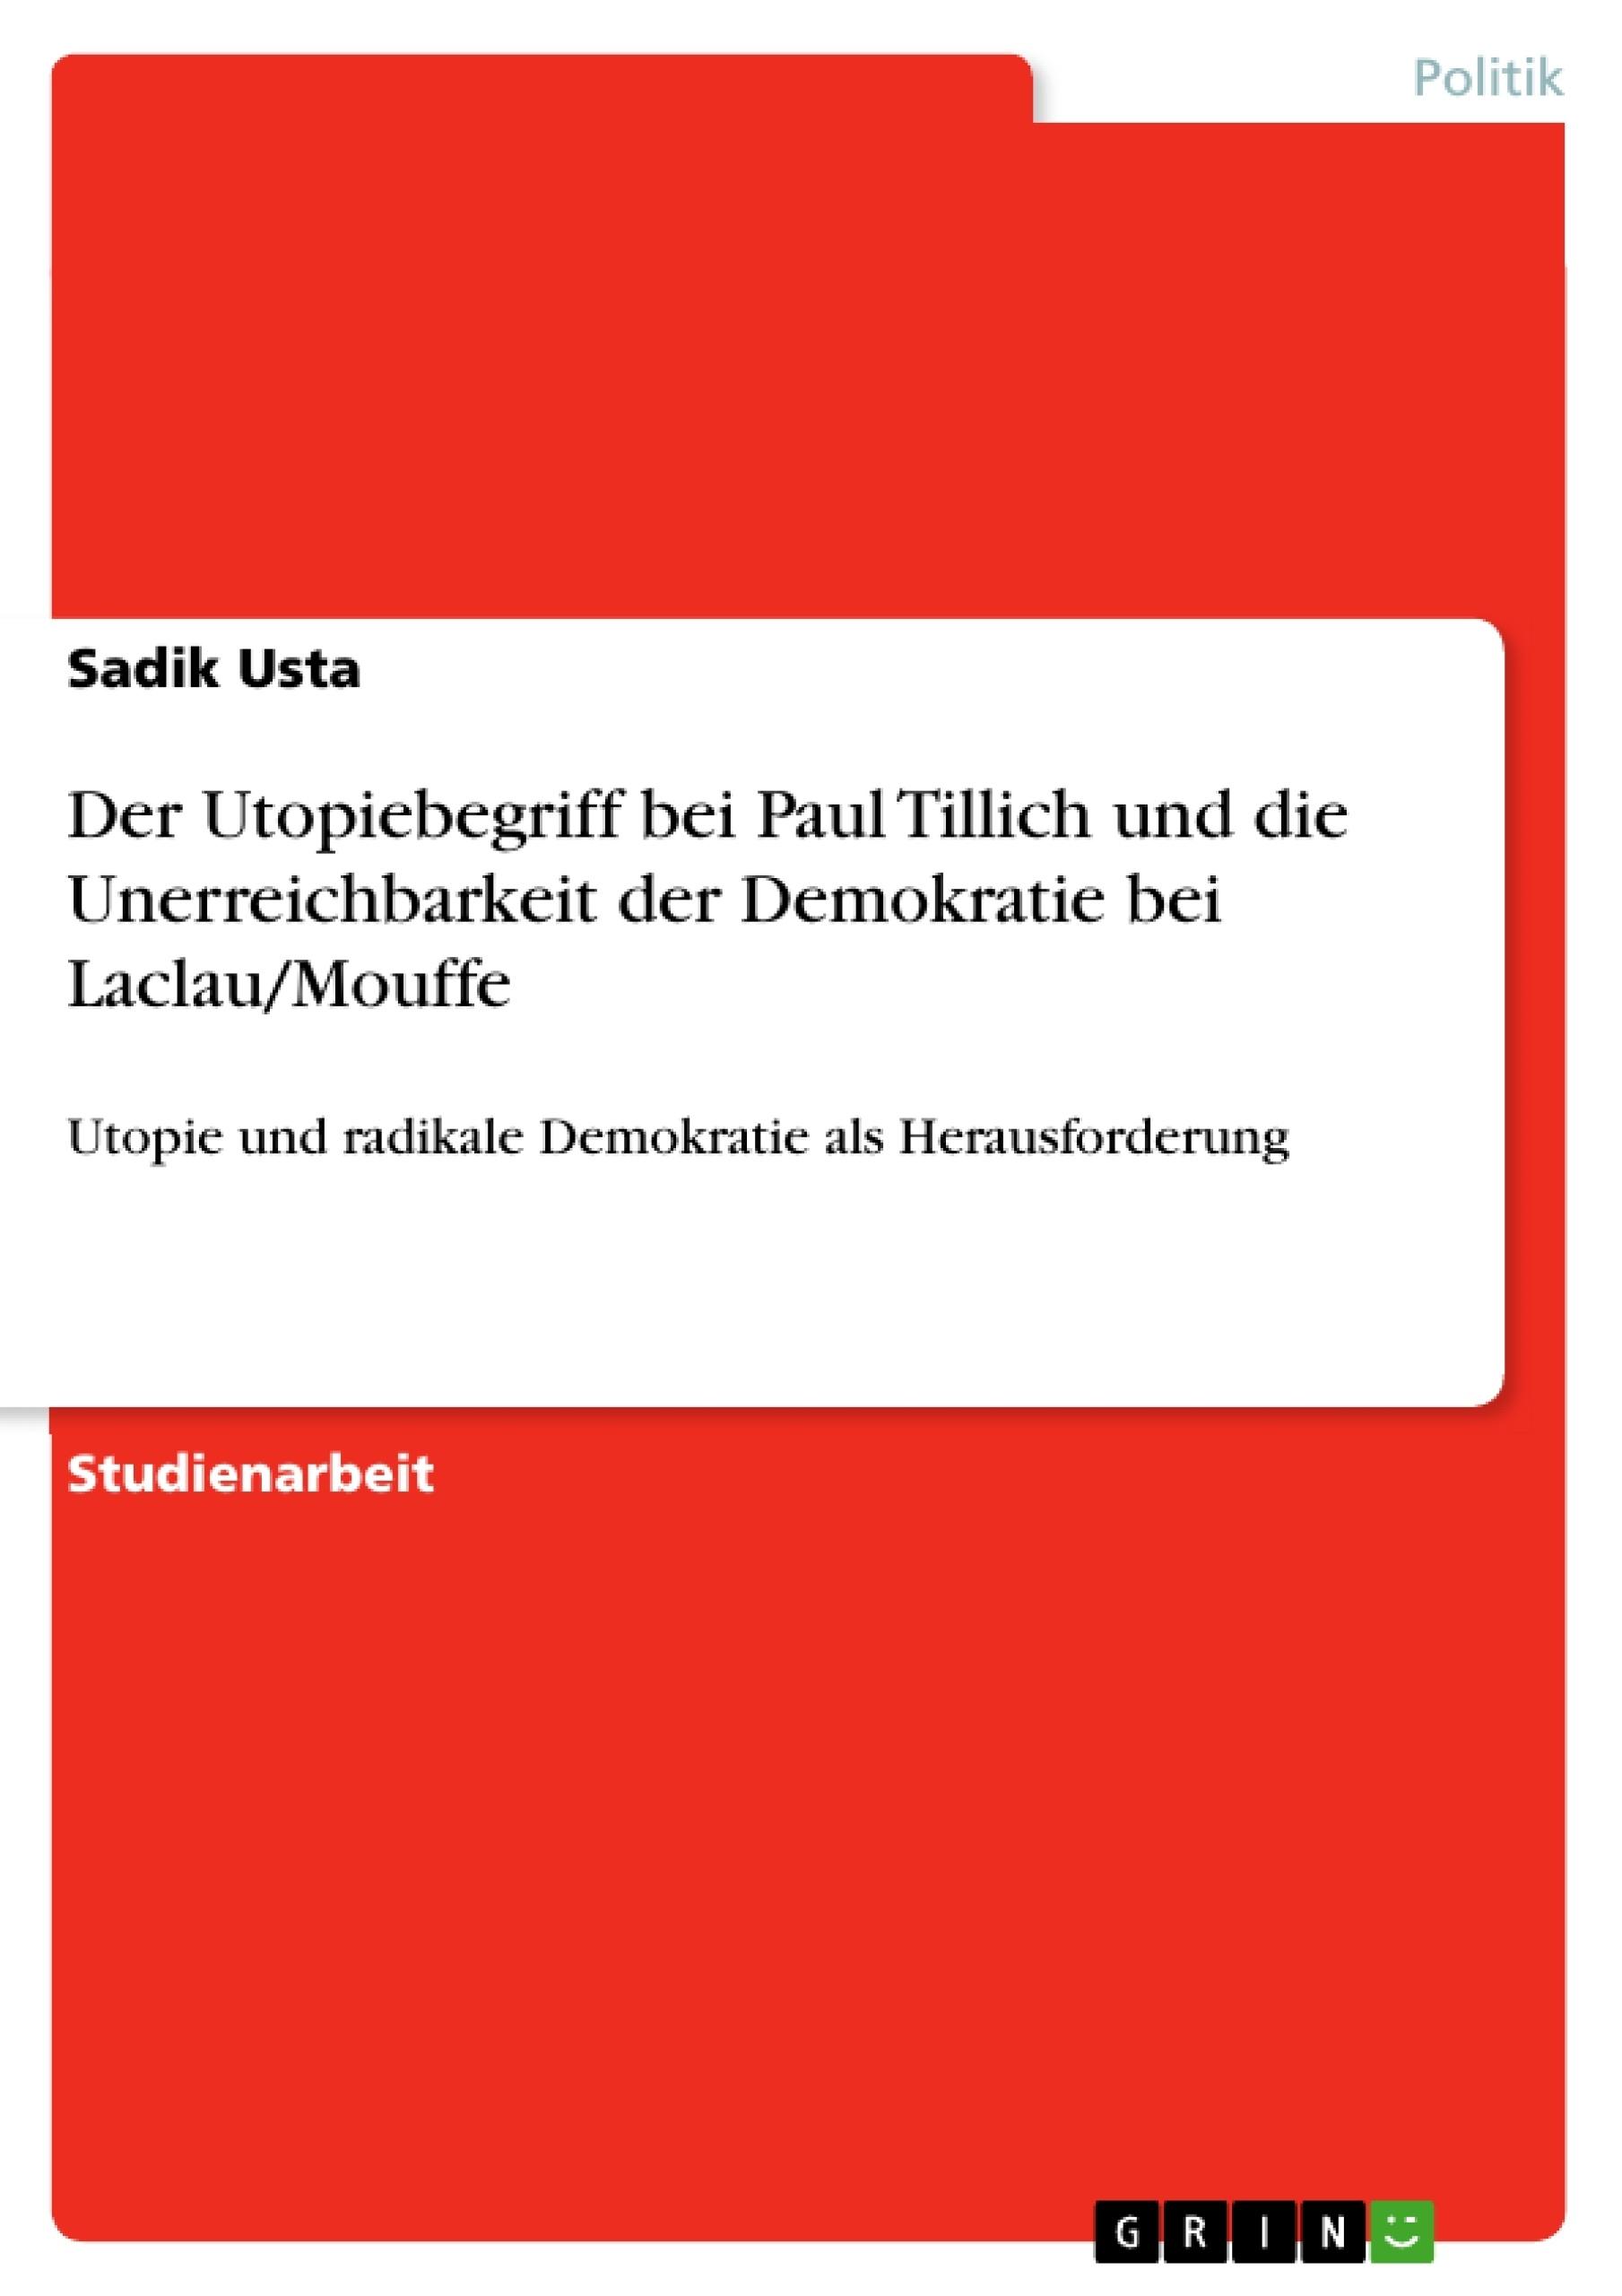 Titel: Der Utopiebegriff bei Paul Tillich und die Unerreichbarkeit der Demokratie bei Laclau/Mouffe